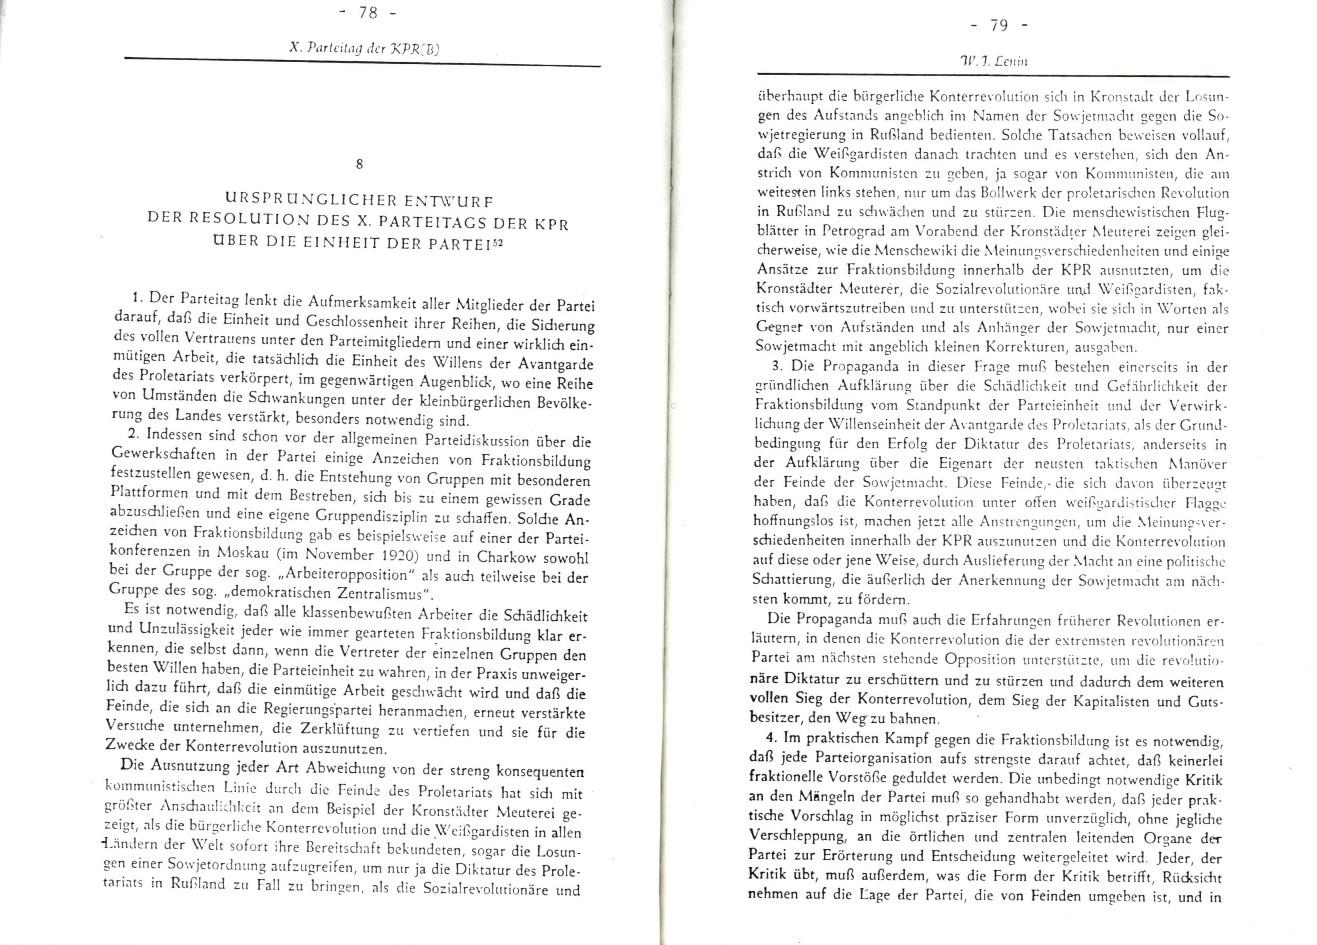 MLSK_Theorie_und_Praxis_des_ML_1979_25_40